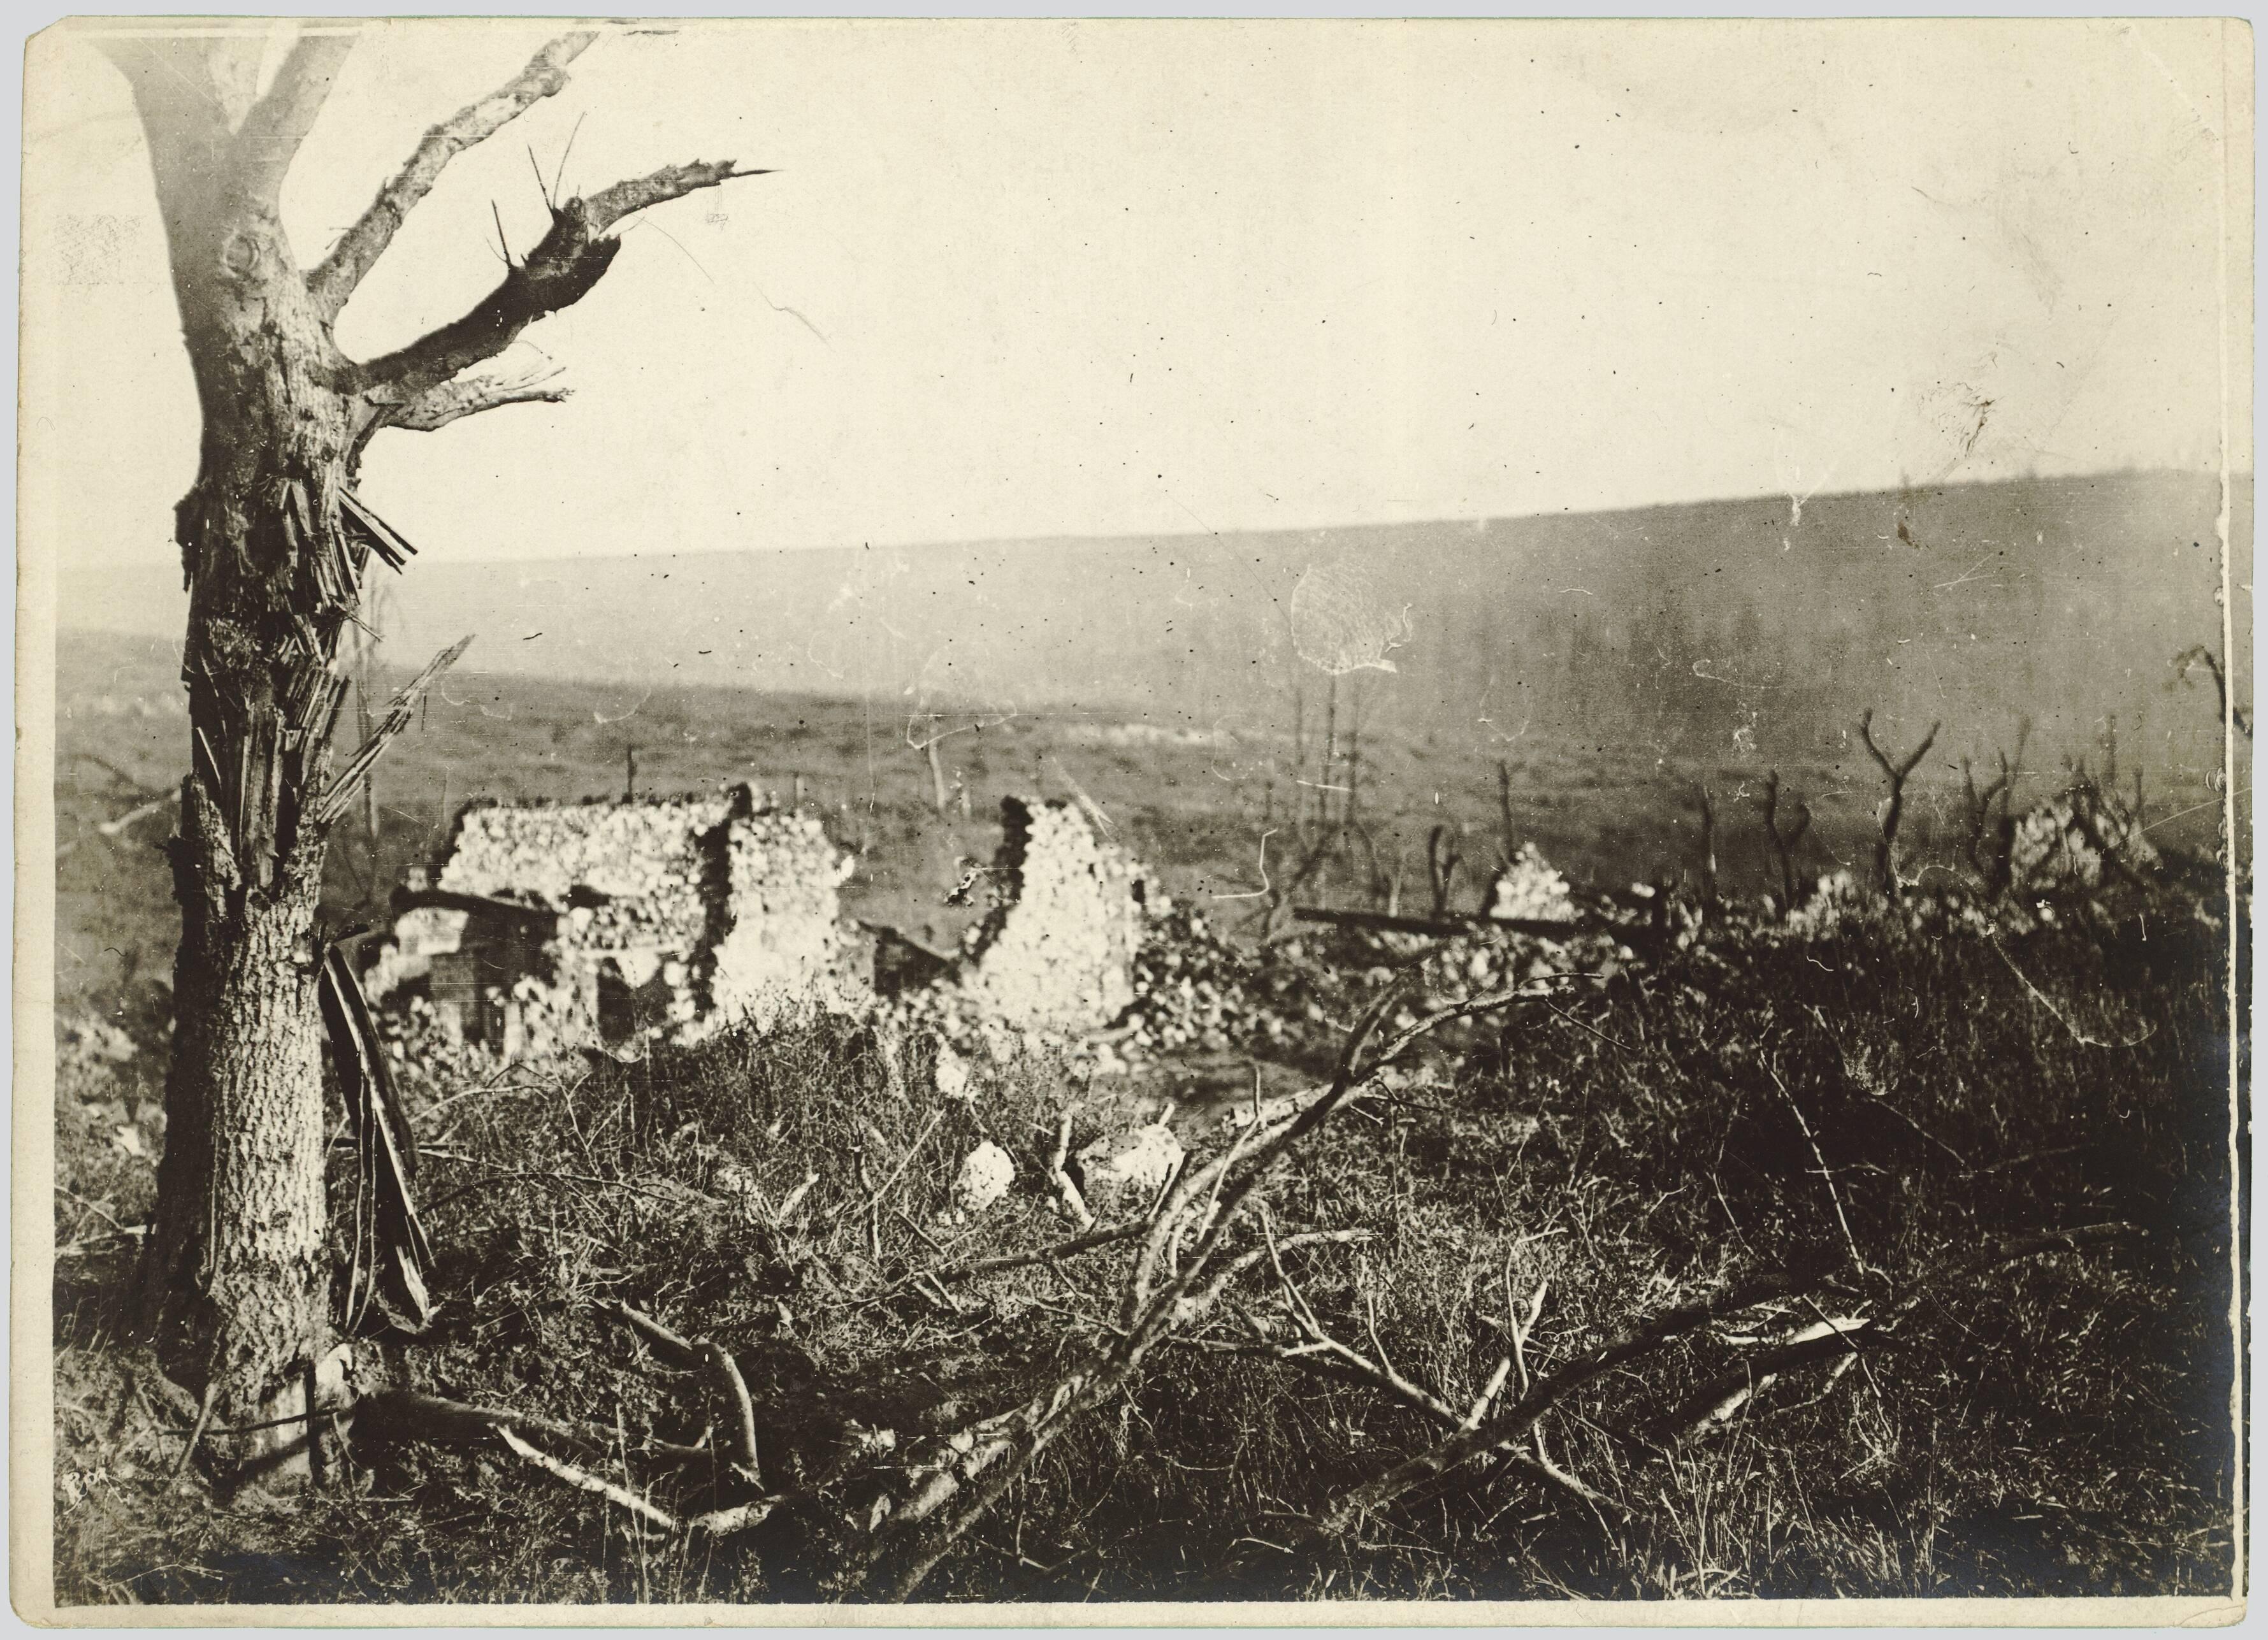 AISNE. SUD-OUEST DE COURTECON. LA FERME DES GRELINES. 13 NOVEMBRE 1917